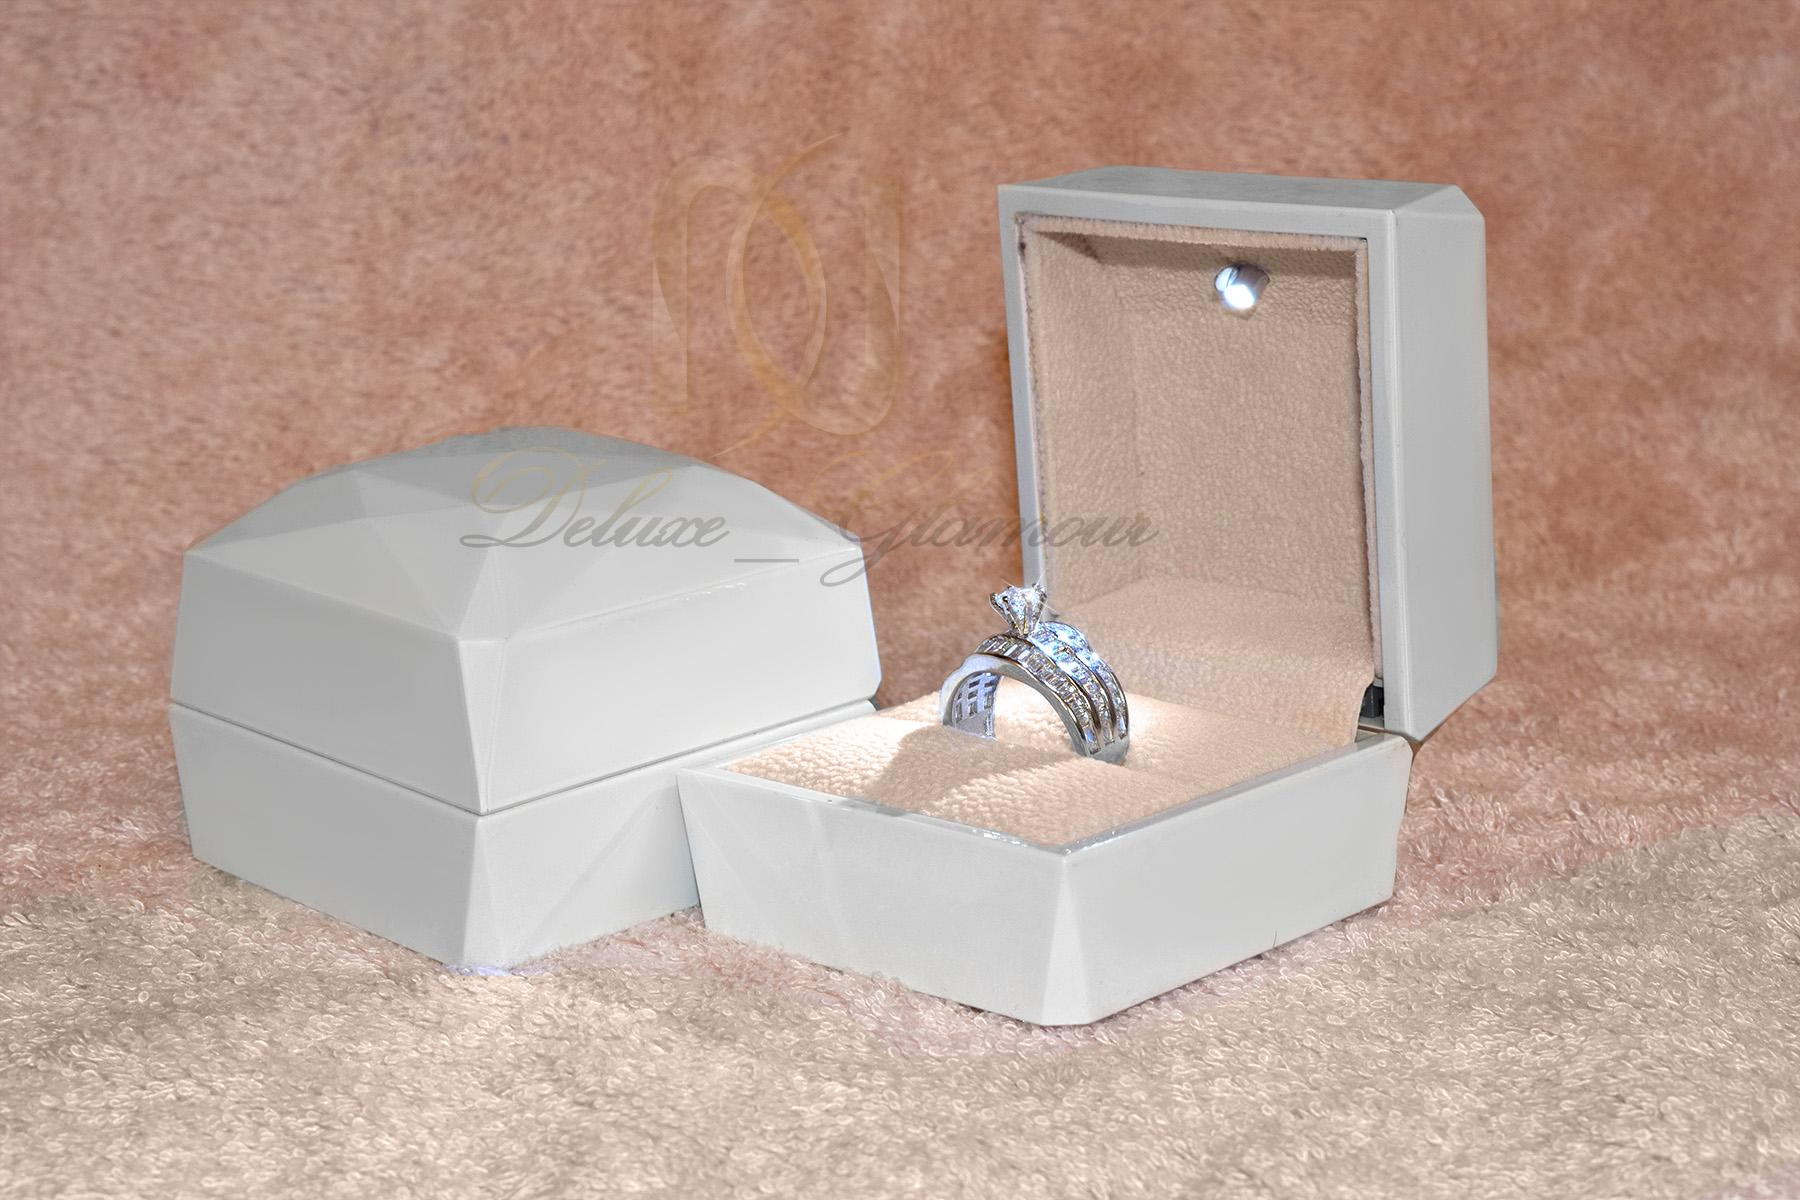 جعبه های کادویی مناسب زیورآلات